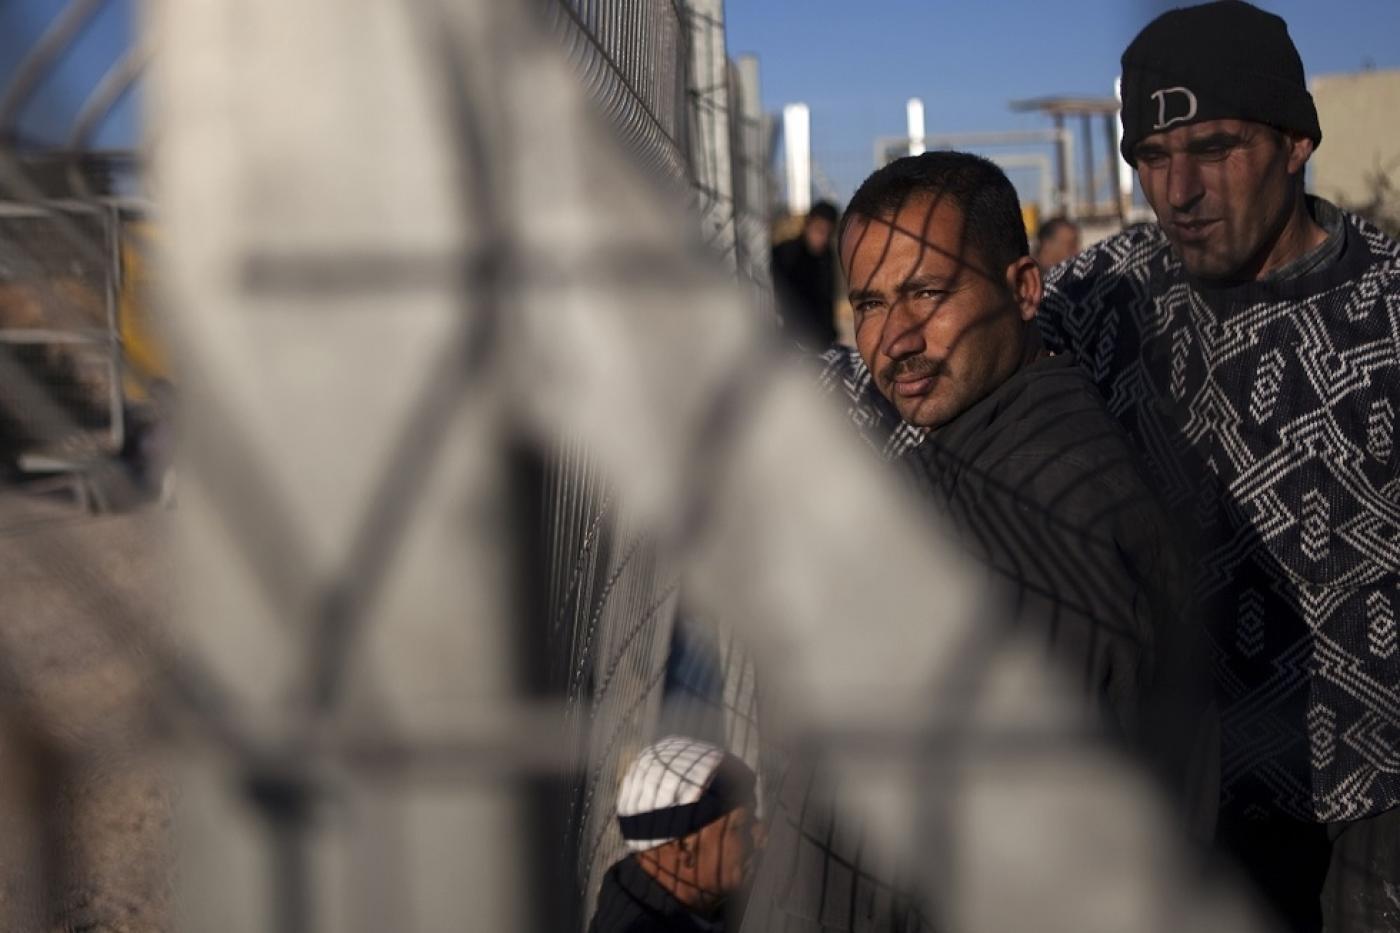 Des travailleurs palestiniens attendent l'ouverture d'un portail entre la colonie illégale de Modiin Illit et le village cisjordanien de Harbeta après leur journée de travail en Israël (AFP)